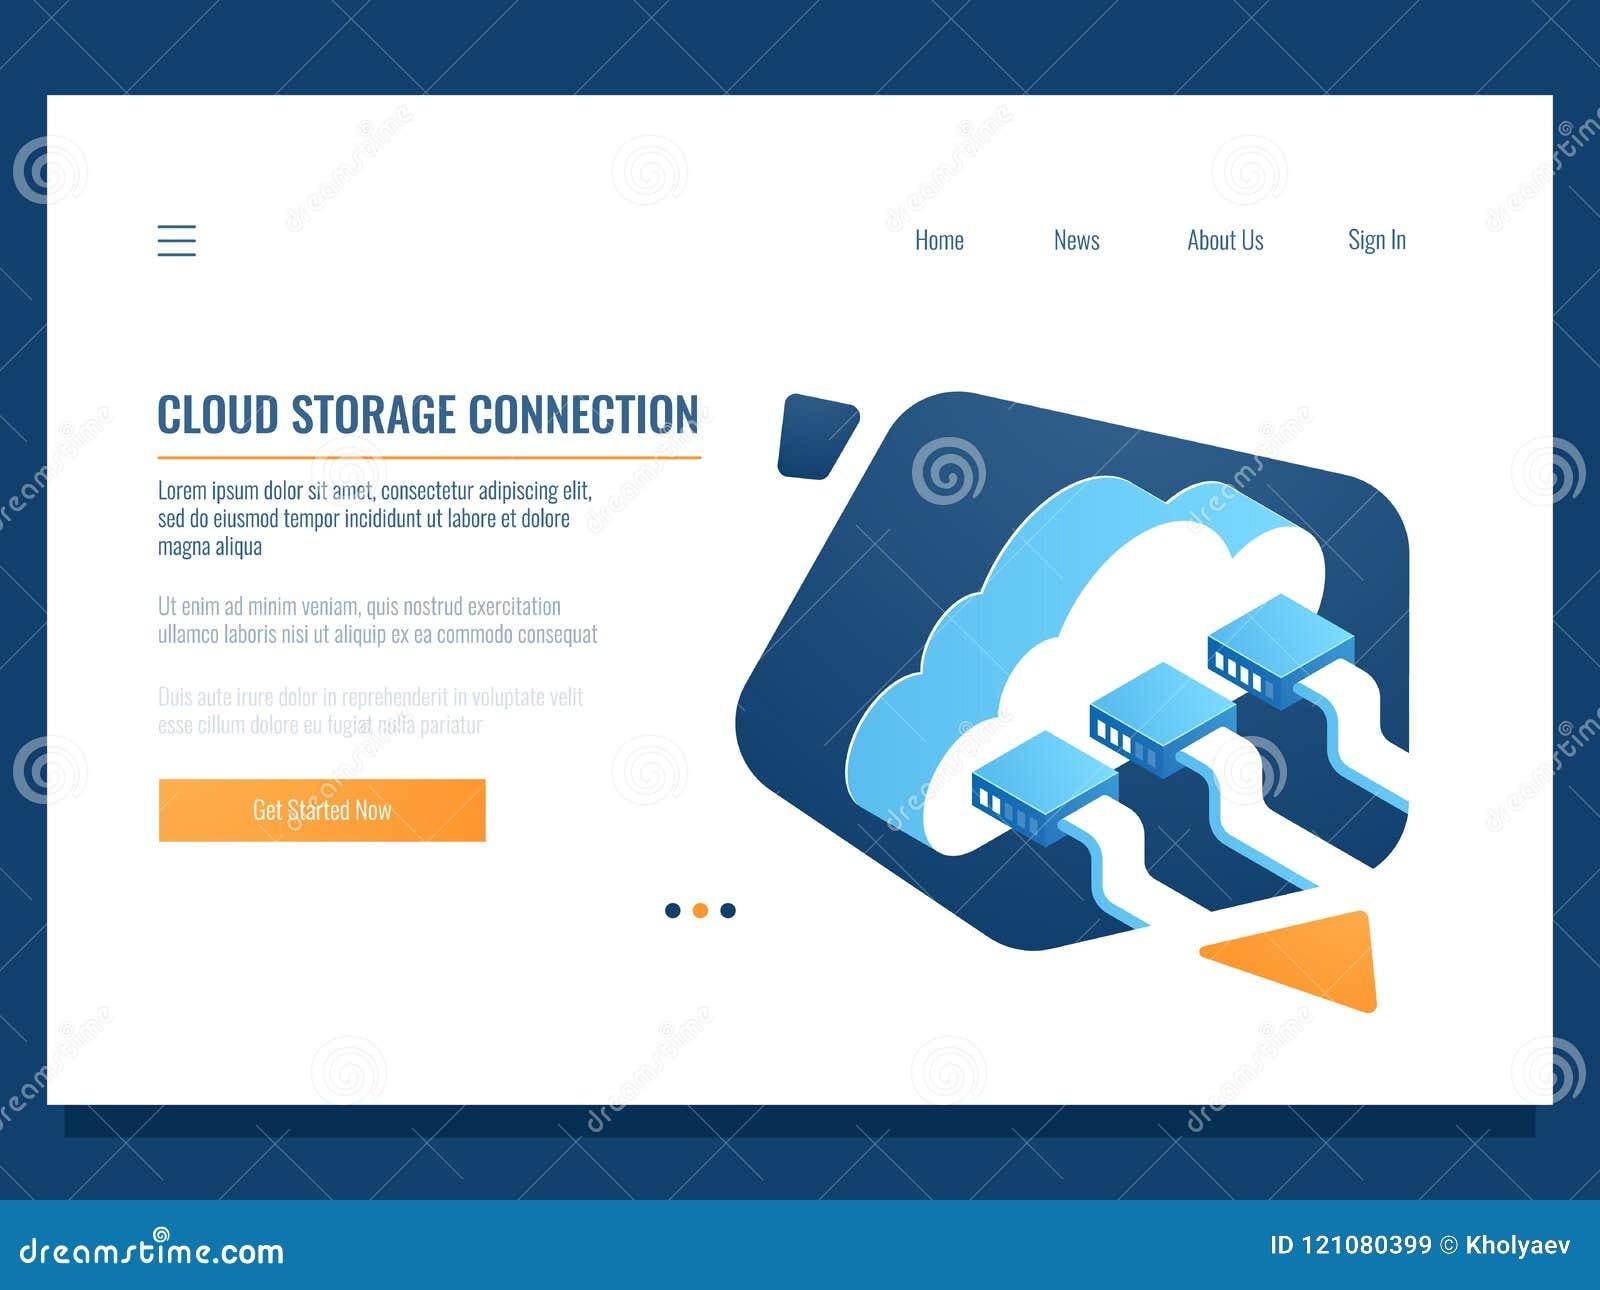 Αποθήκευση στοιχείων σύννεφων, μακρινή τεχνολογία, σύνδεση δικτύωσης, πρόσβαση μεριδίου αρχείων για την ομάδα, δωμάτιο κεντρικών